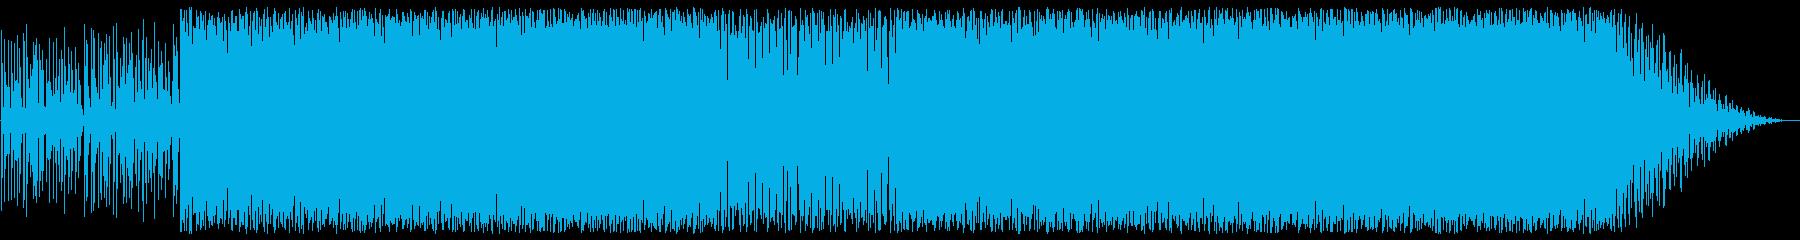 朝方に聞きたいゆっくりしたボサノバジャズの再生済みの波形